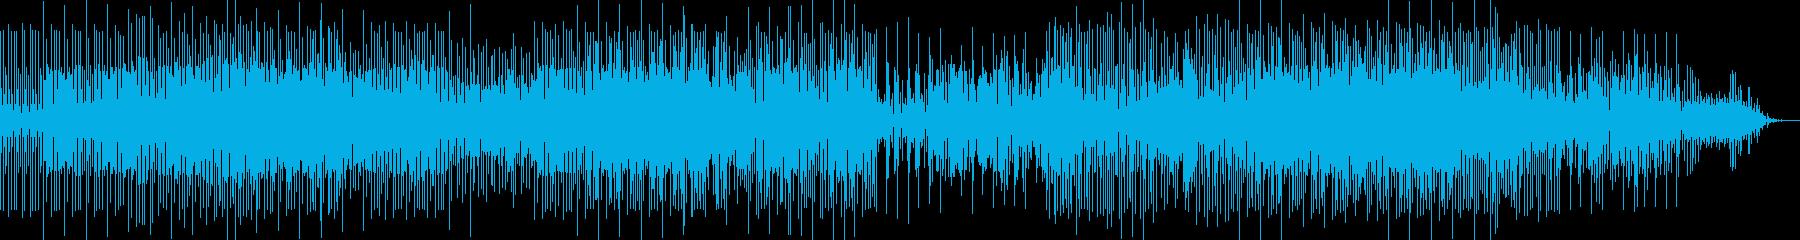 奇妙なテイストのマシンドラムソロの再生済みの波形